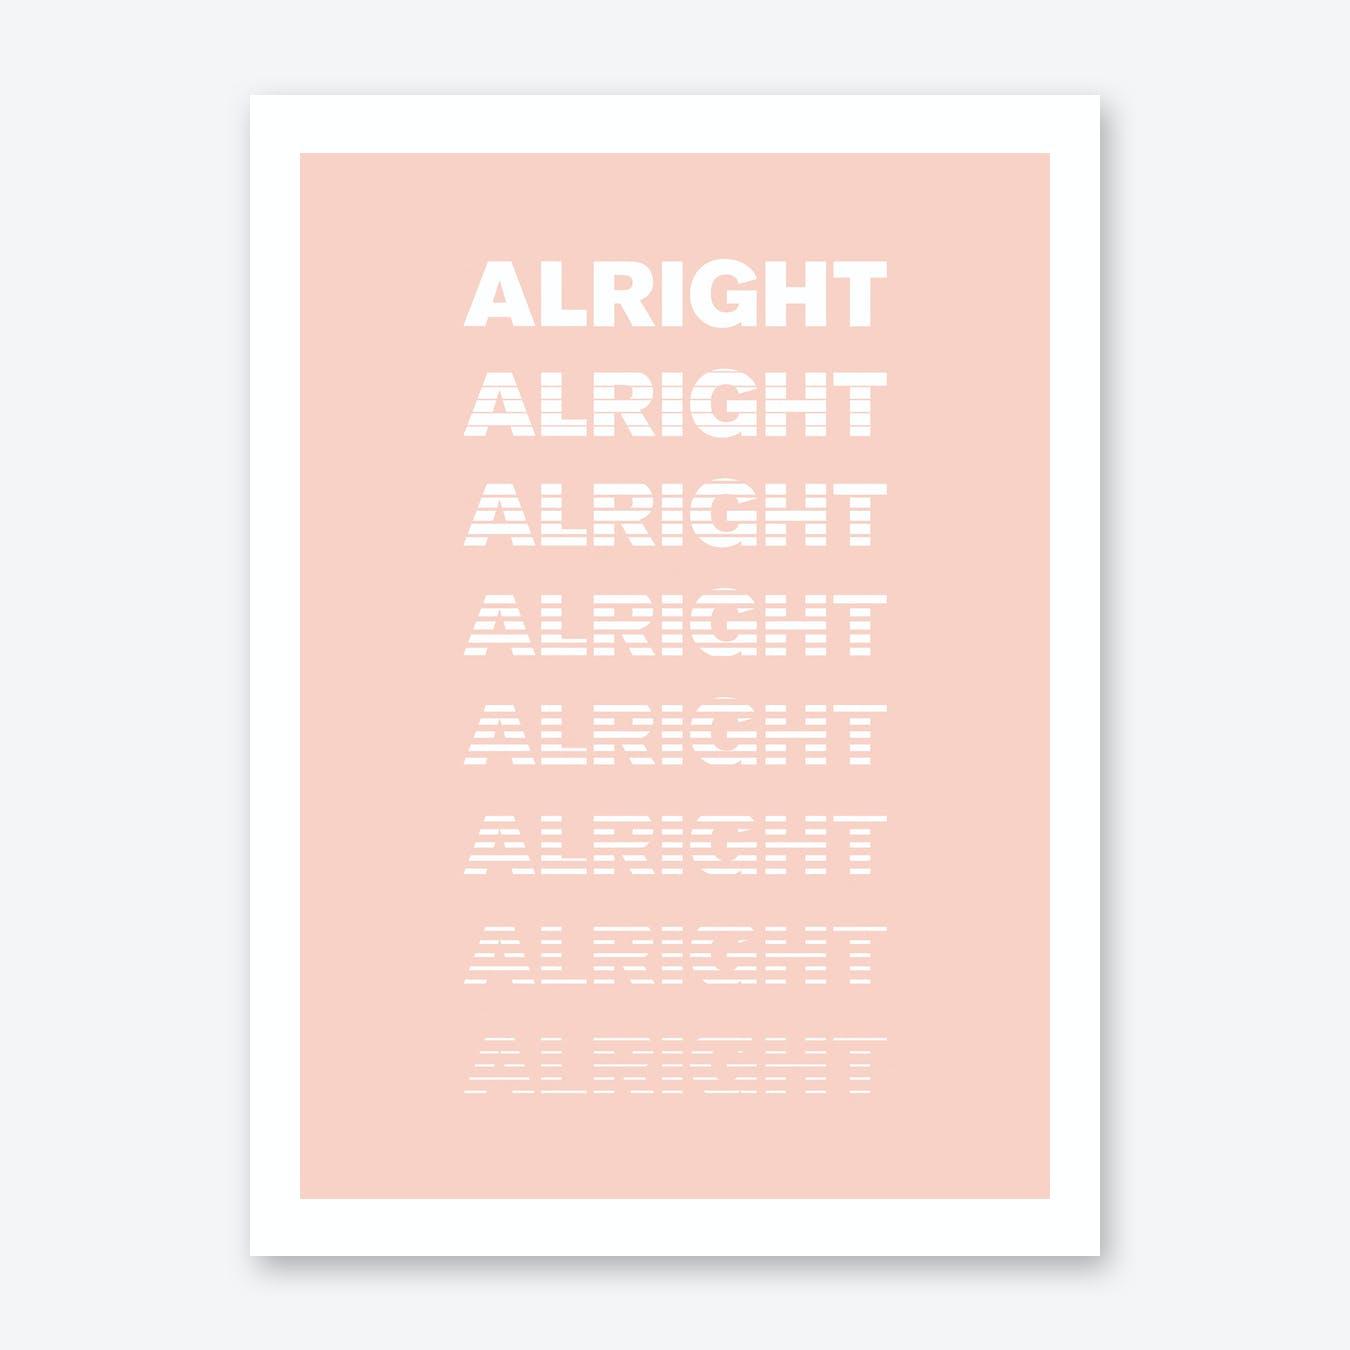 Alright, Alright, Alright - Peach (X Us Berlin)